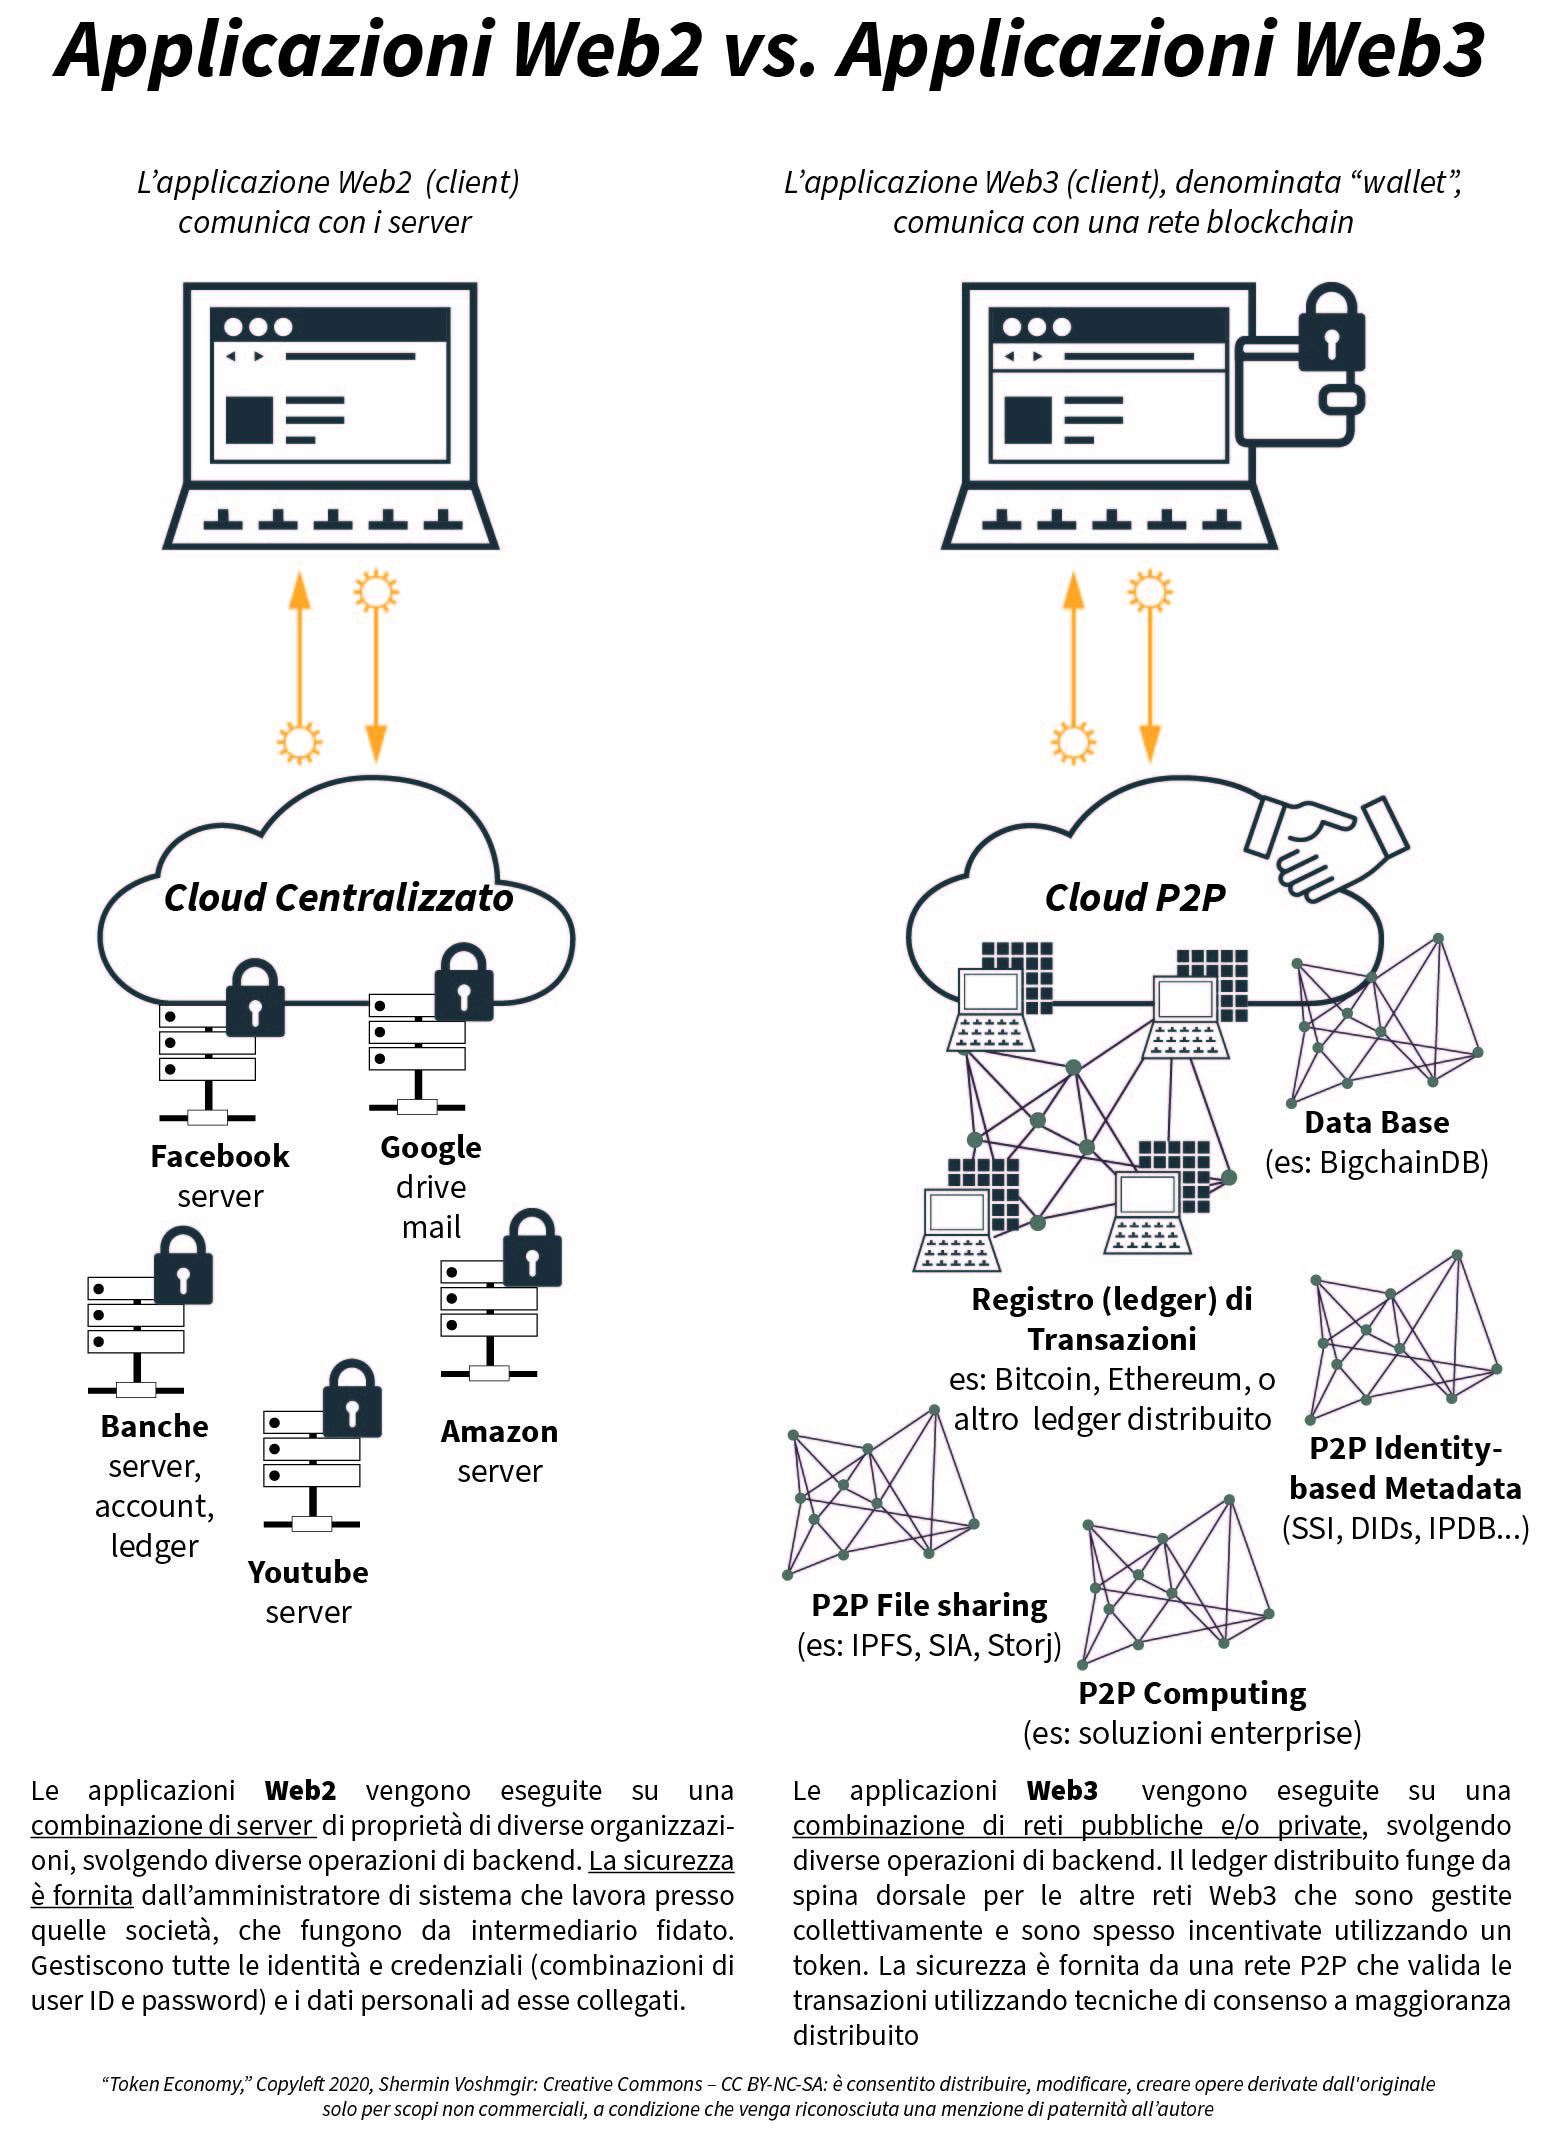 applicazioni web2 e web3